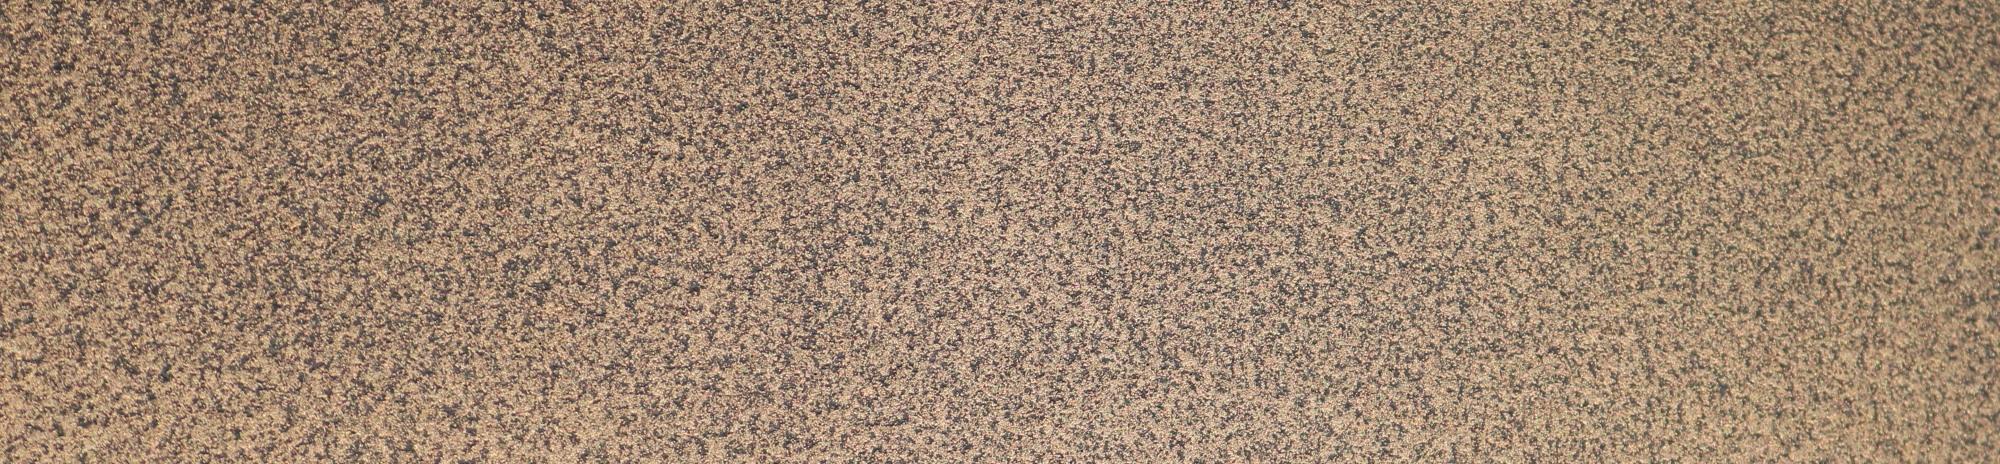 Vernice effetto pietre metalliche brunite